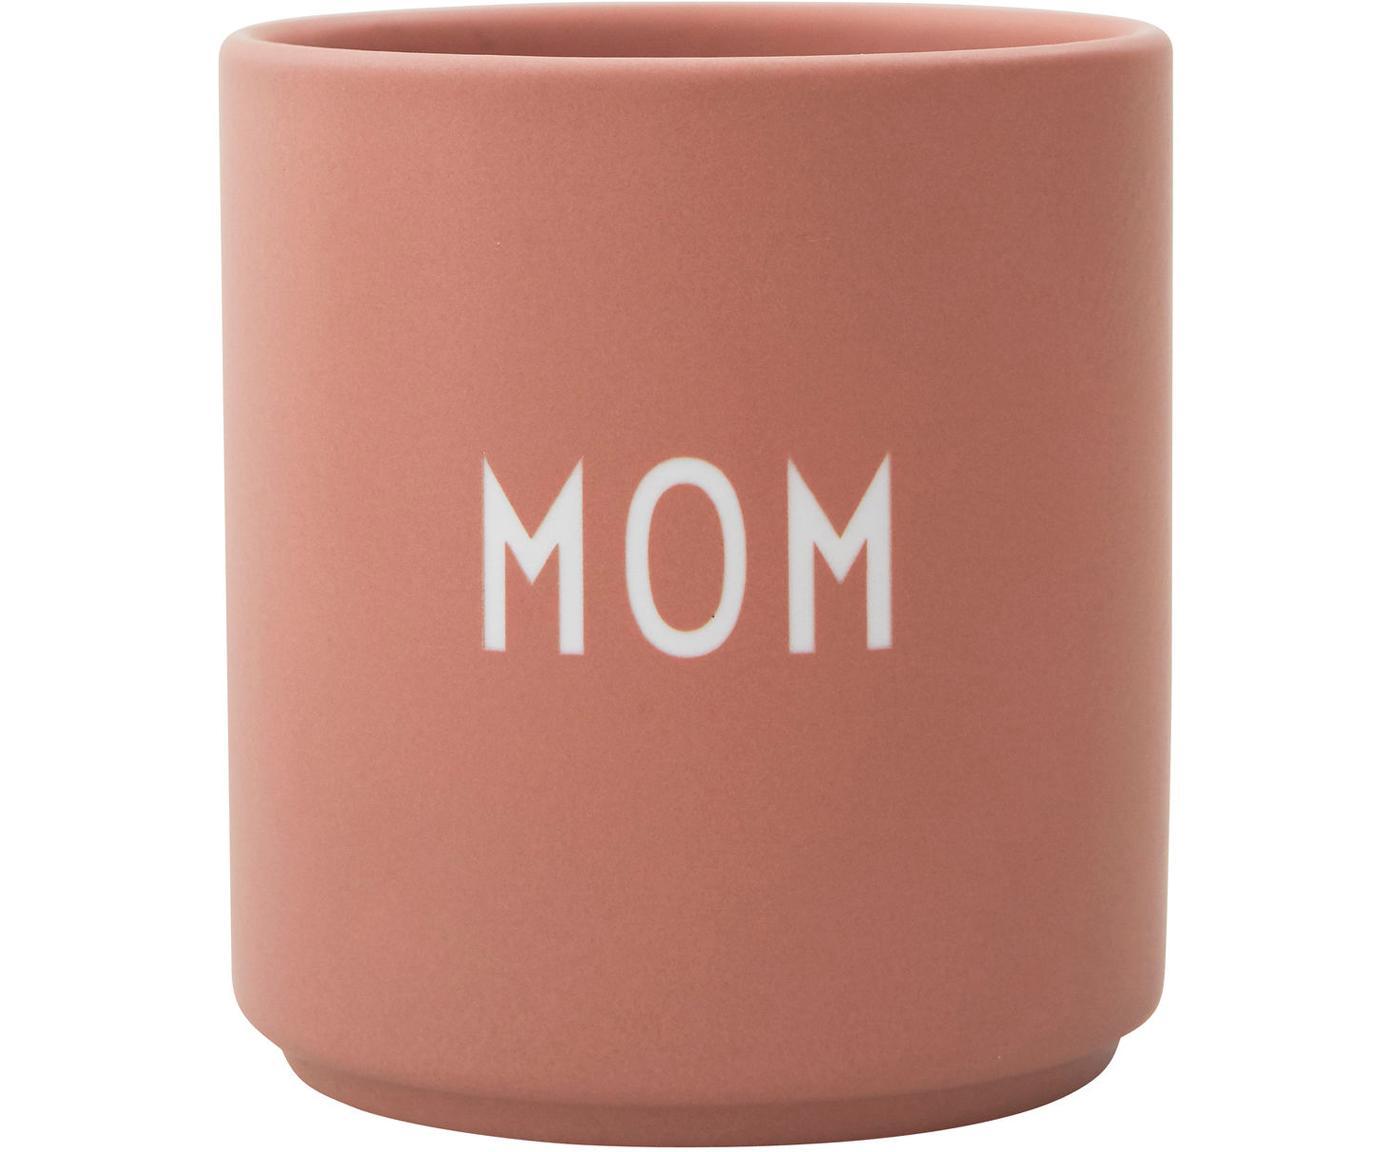 Design Becher Favourite MOM in Terrakotta mit Schriftzug, Fine Bone China (Porzellan), Rosa, Weiß, Ø 8 x H 9 cm